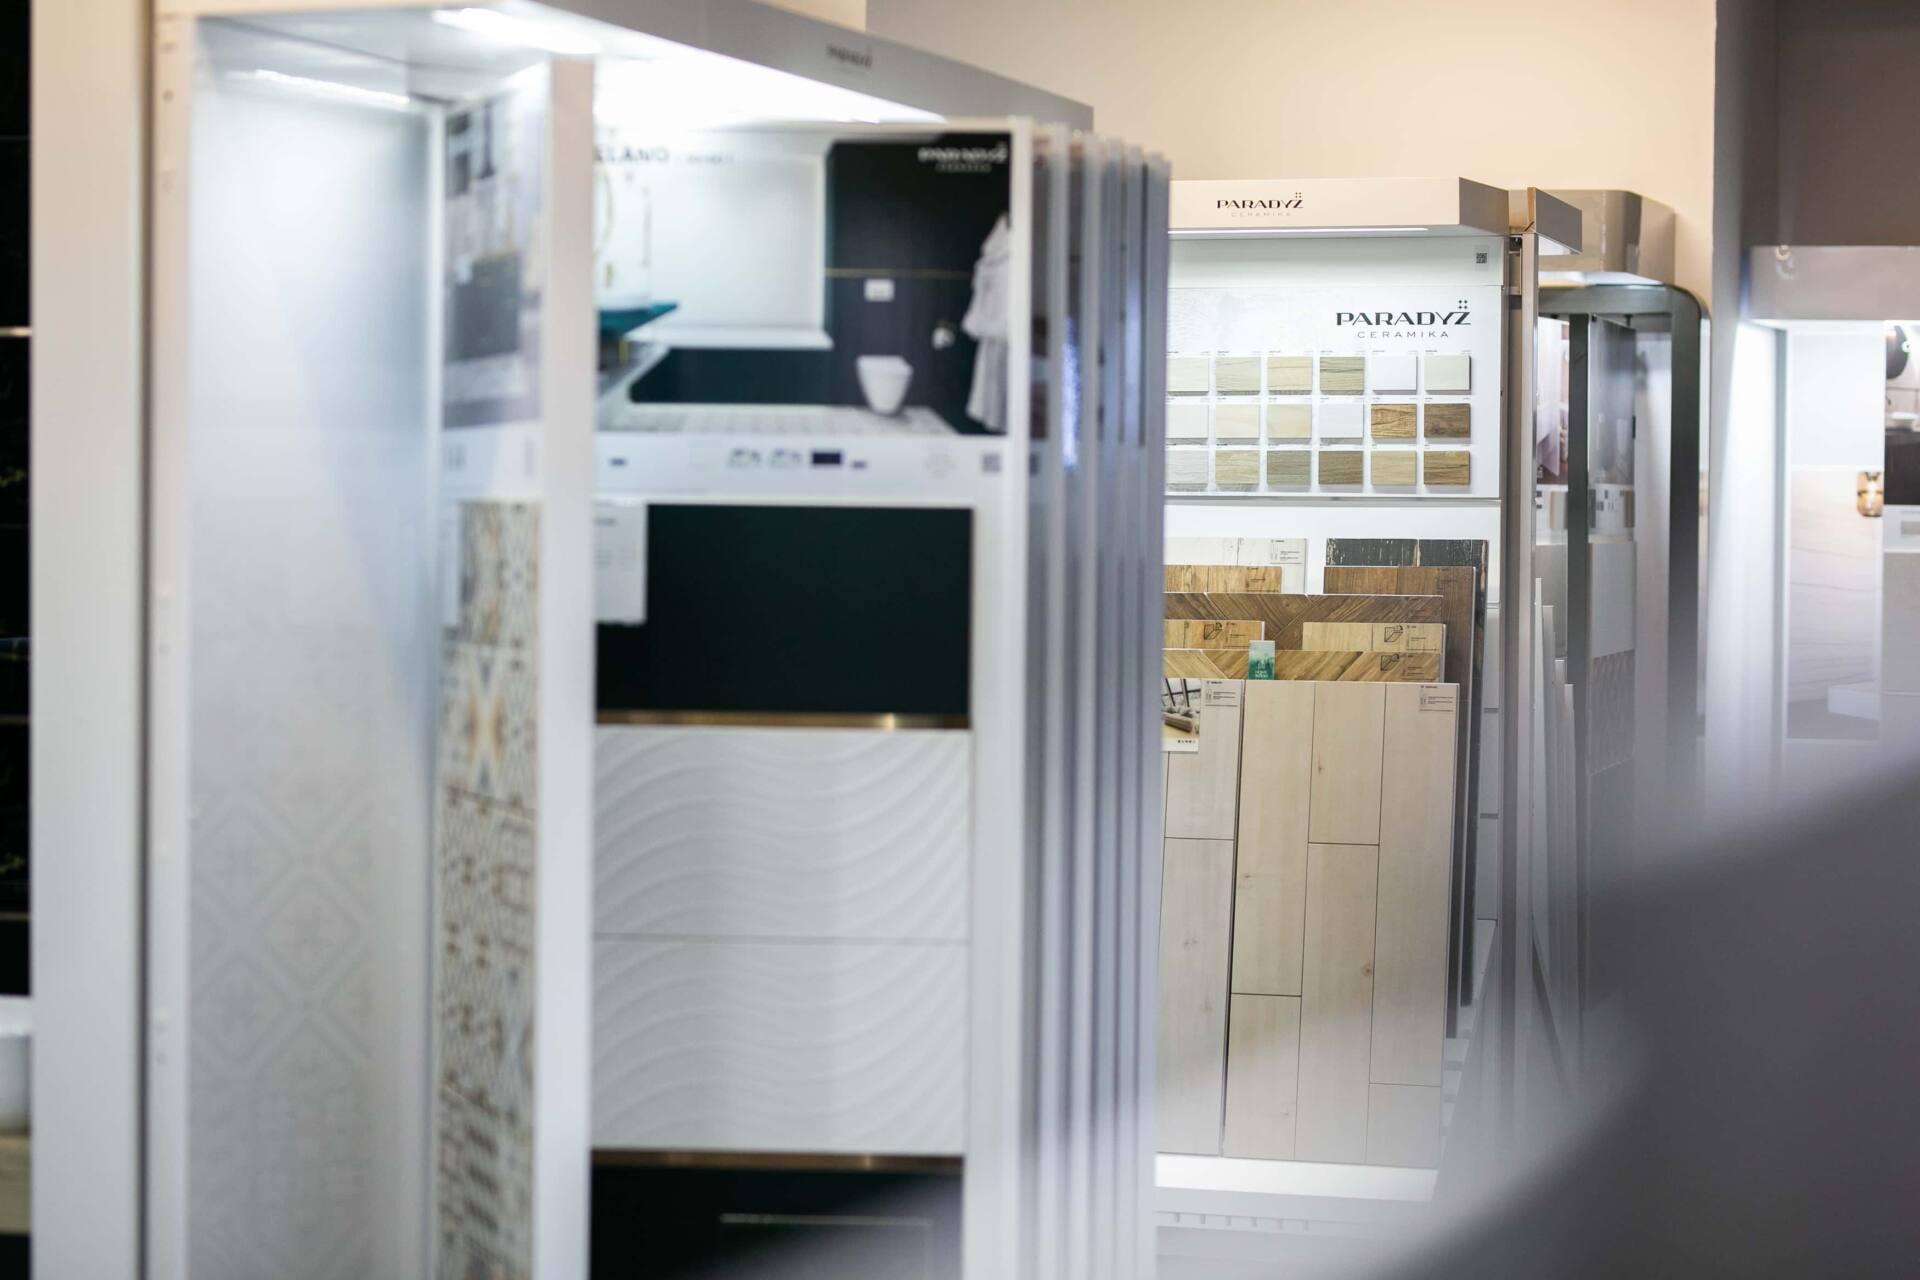 5db 5632 Salon BLU: na ponad 500 m2., 36 łazienkowych aranżacji i bogata ekspozycja wyposażenia (zdjęcia)